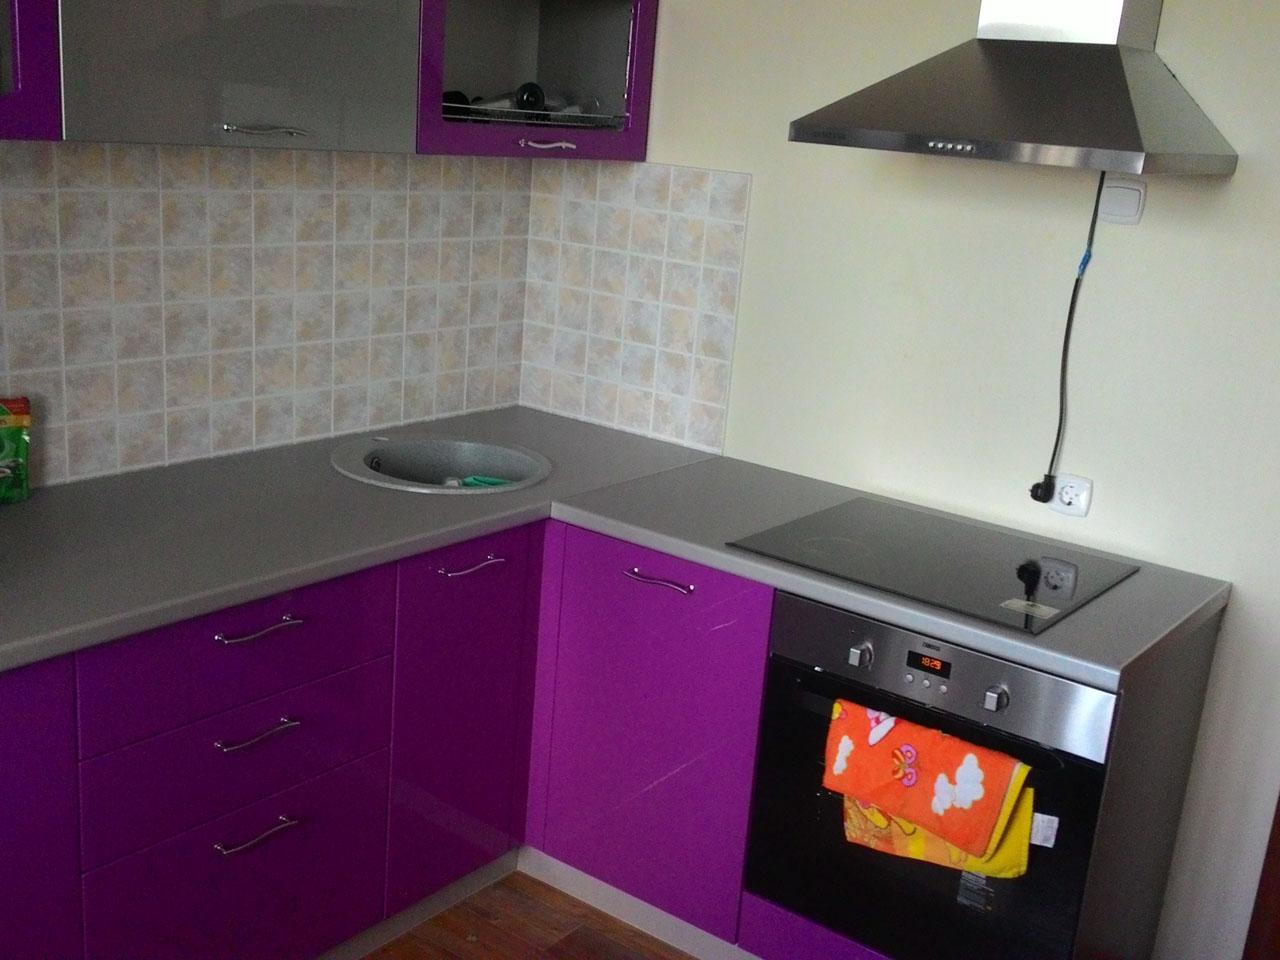 Фото. Кухня эконом класса. Цена 62 тыс рублей